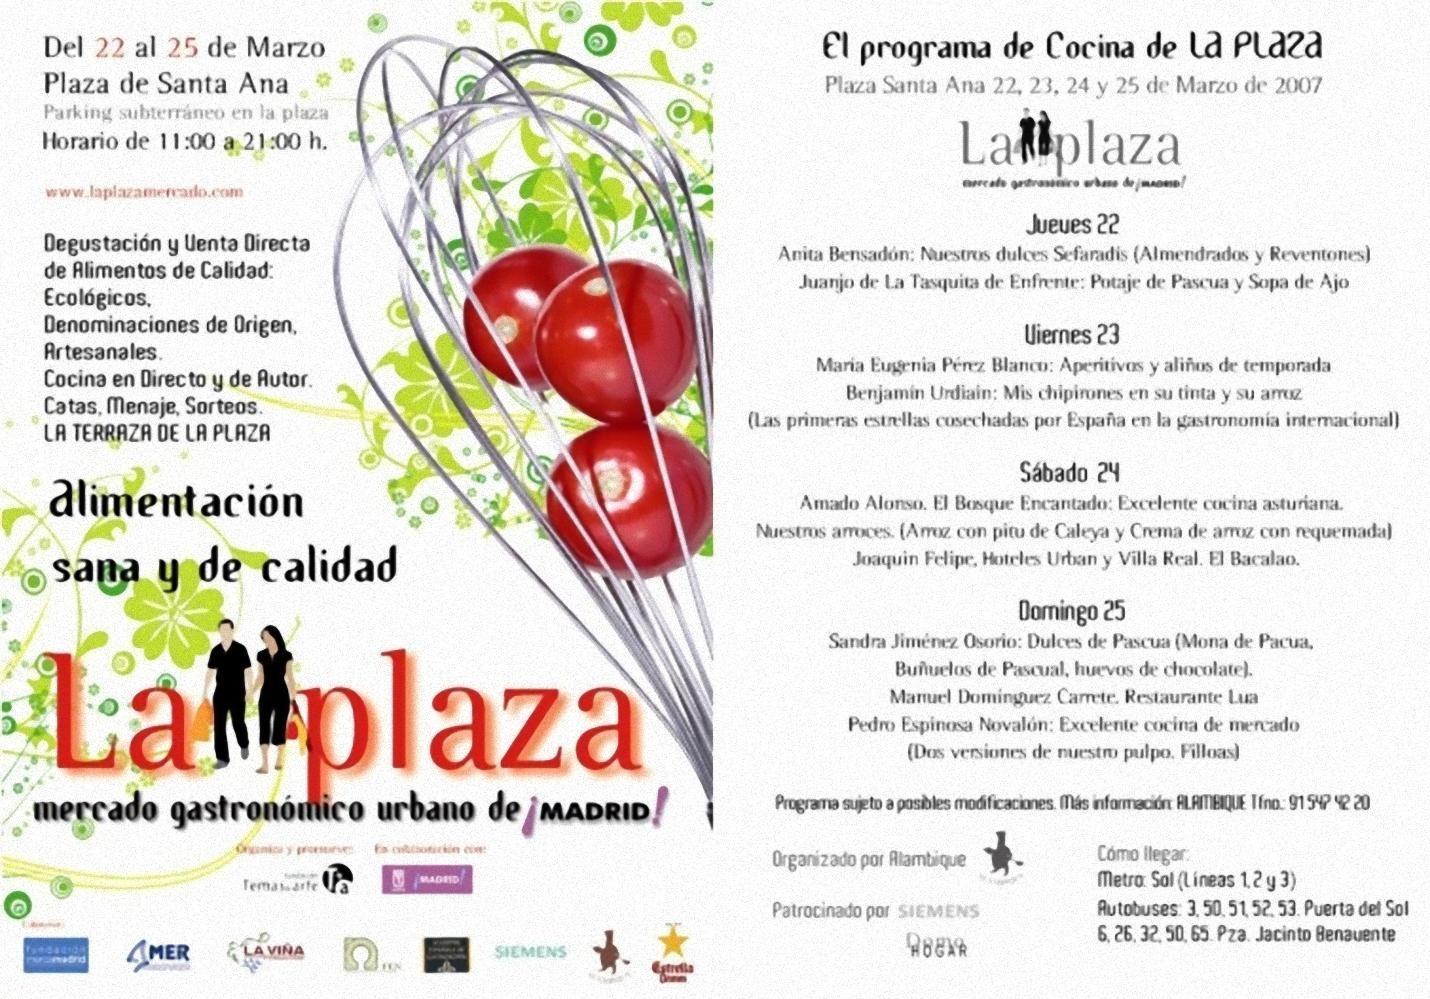 La Plaza, el Mercado Gastronómico Urbano de Madrid